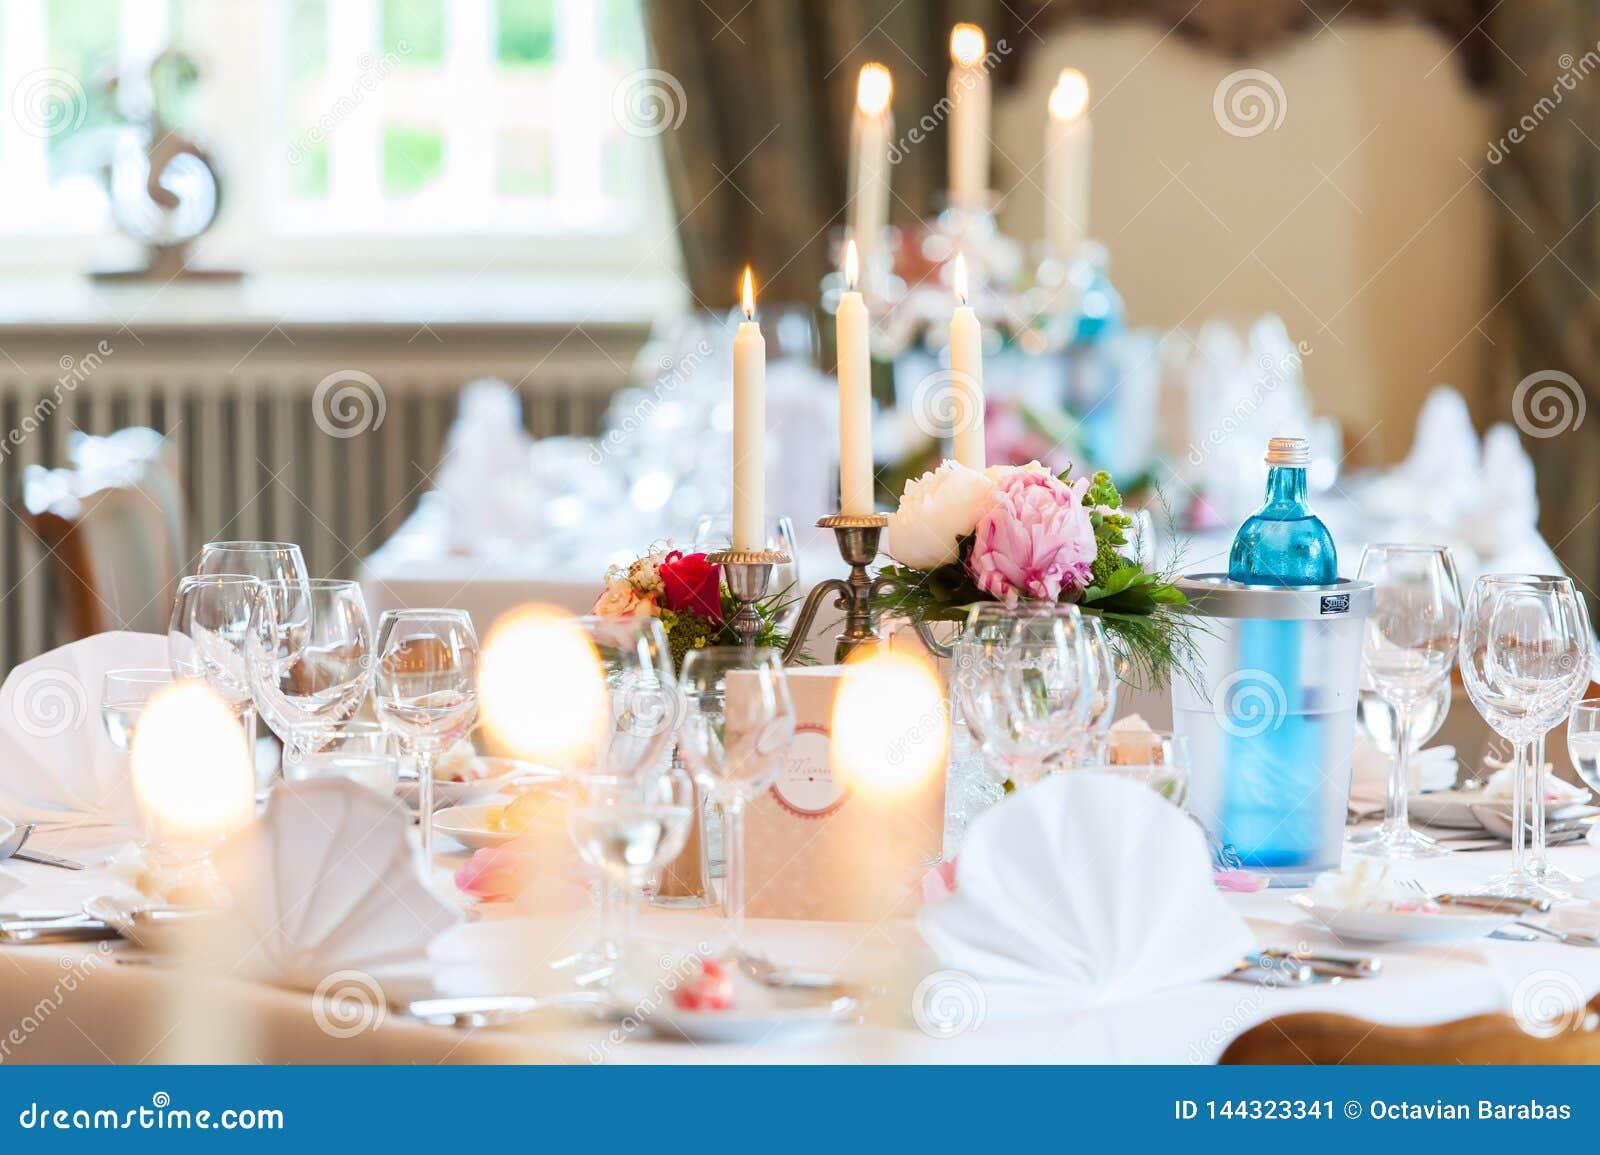 Épouser la décoration de table avec des bougies et des fleurs